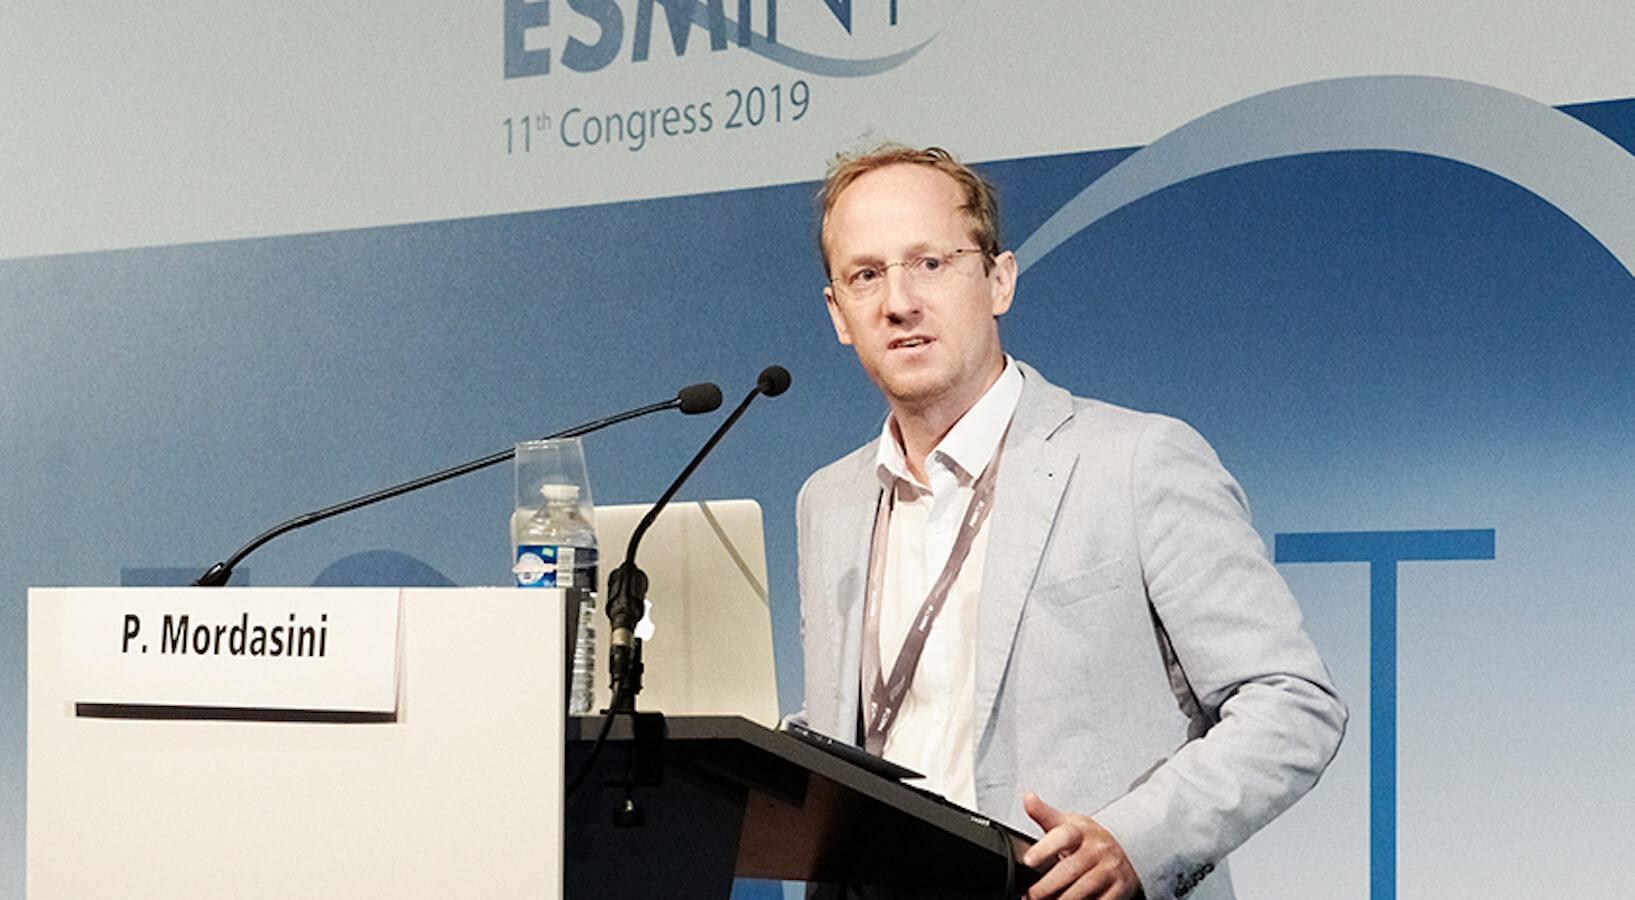 Pasquale Mordasini ESMINT ExCom